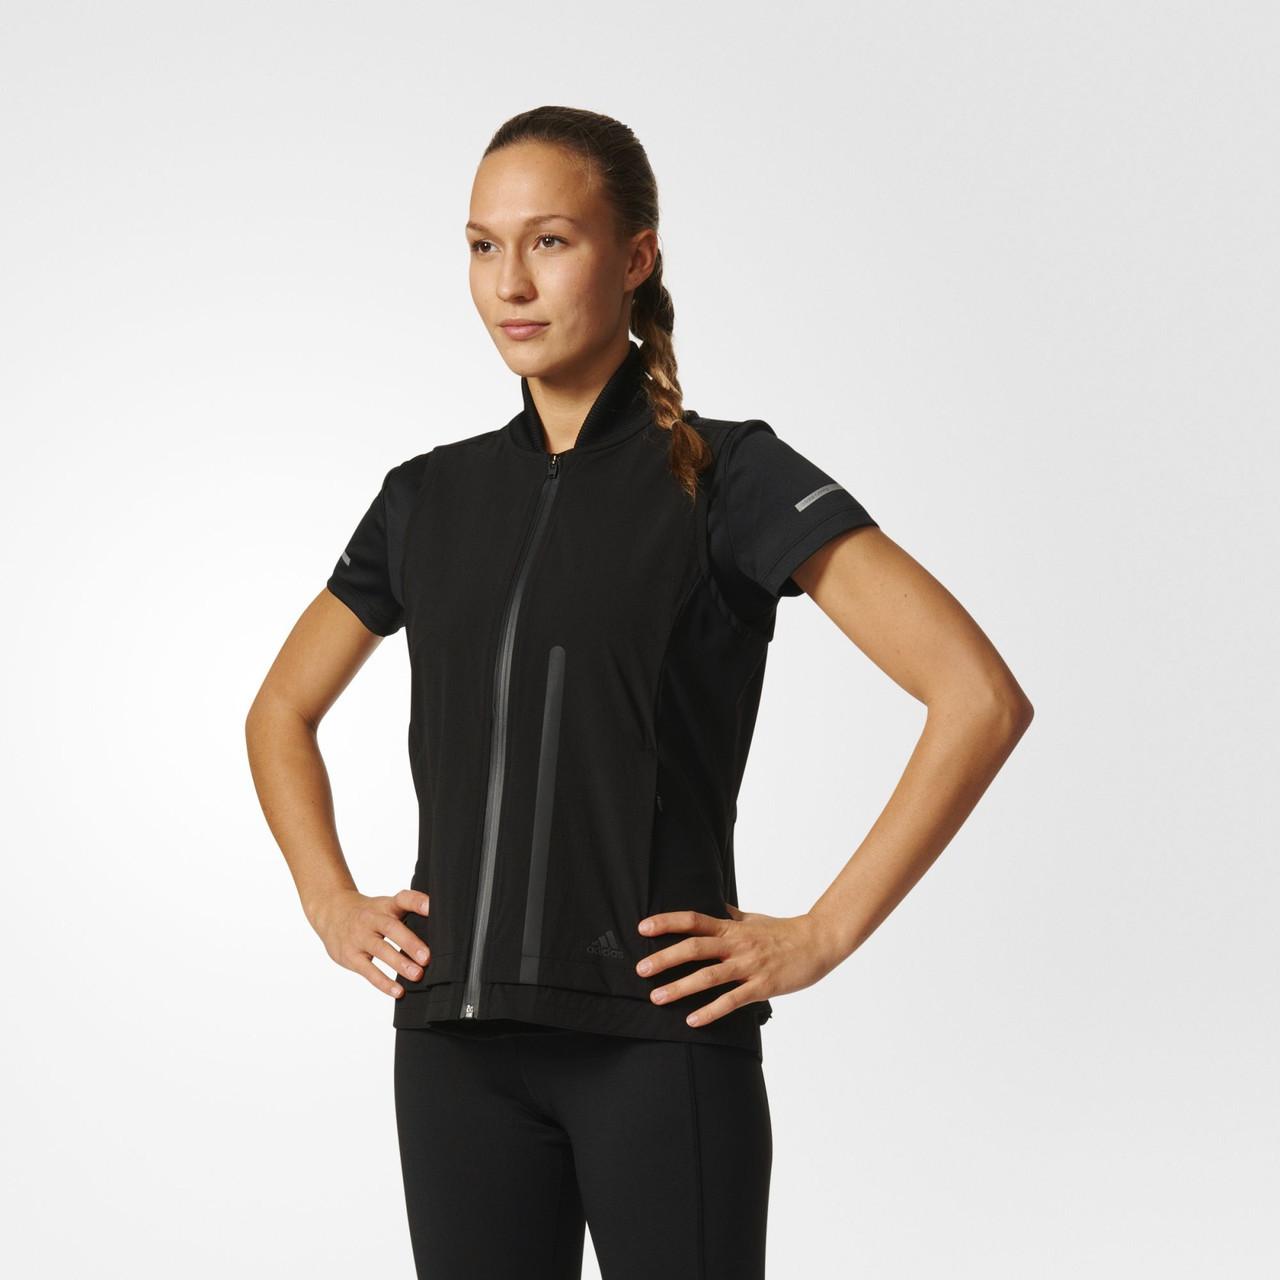 Жилет женский для бега Adidas ULTRA AZ2905 - Интернет магазин Tip - все типы товаров в Киеве